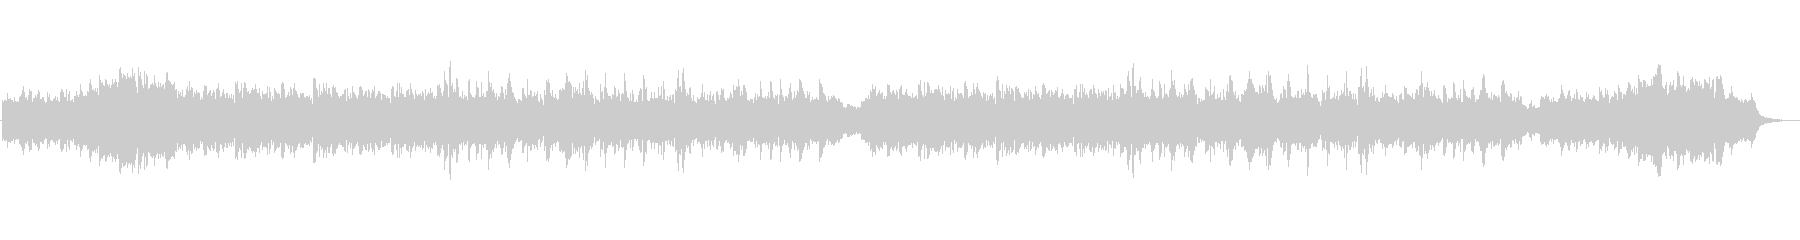 ピアノとシンセとオルゴールの癒しのBGMの未再生の波形